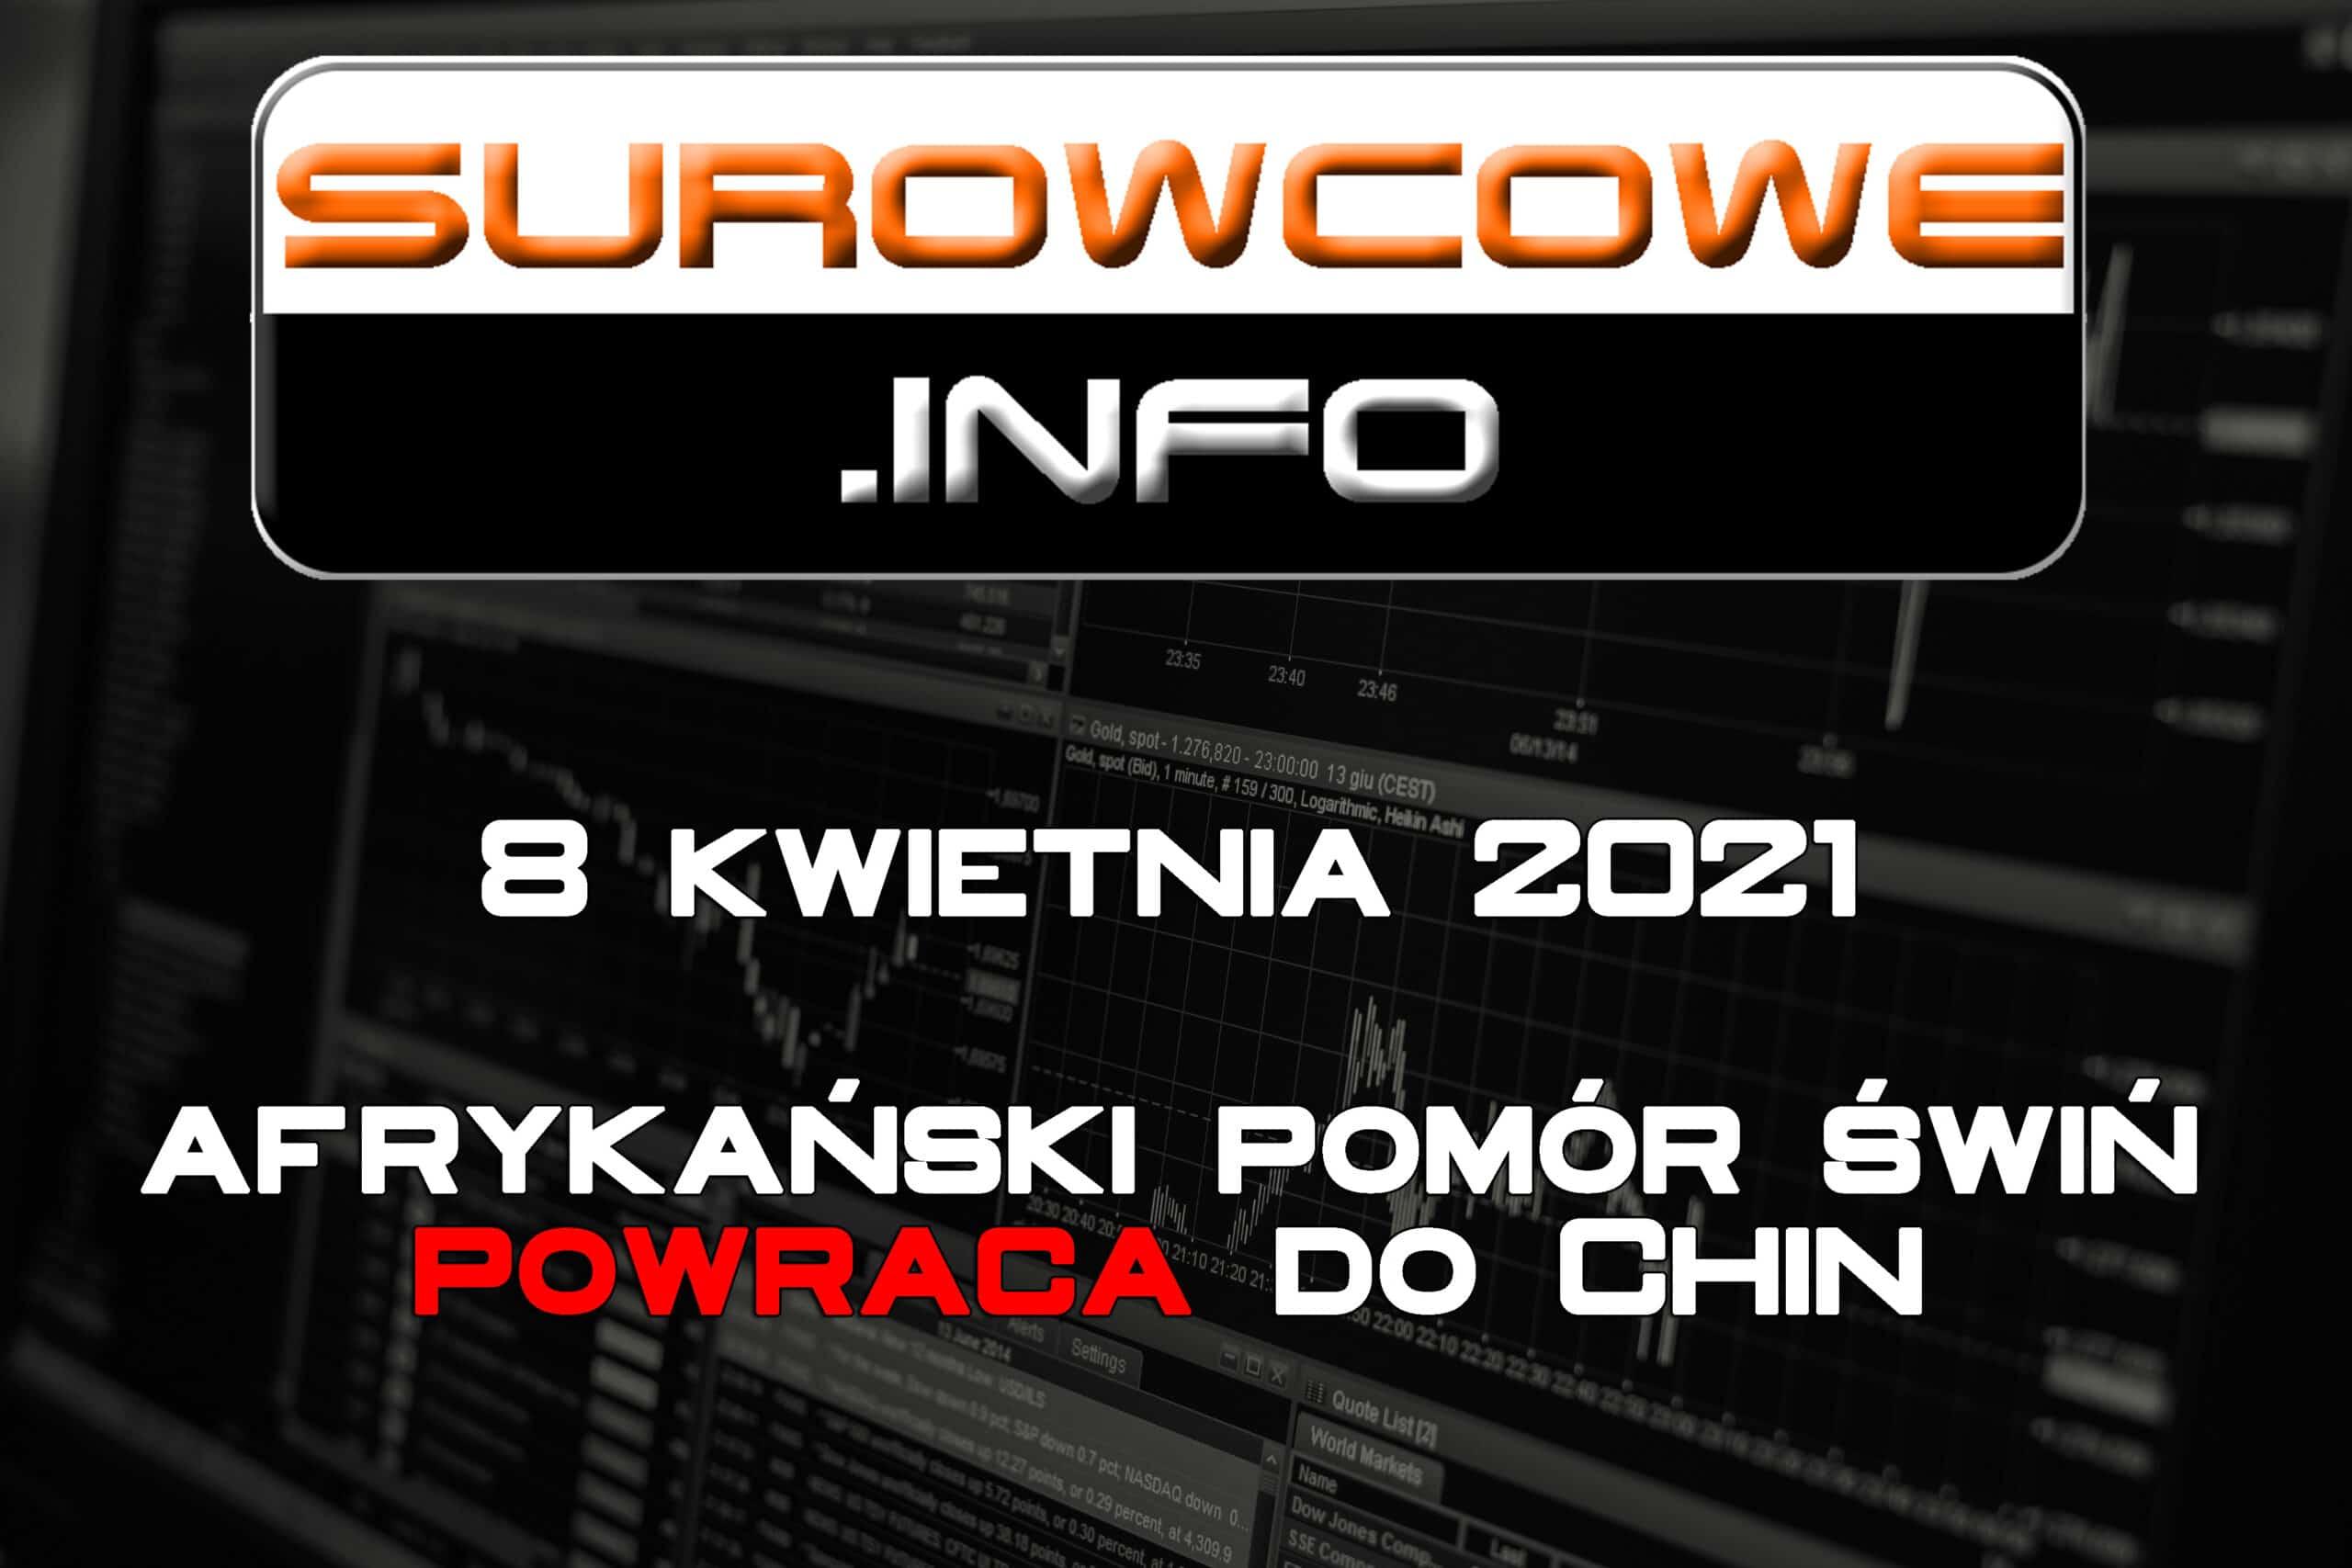 Surowcowe.info 8 kwietnia 2021